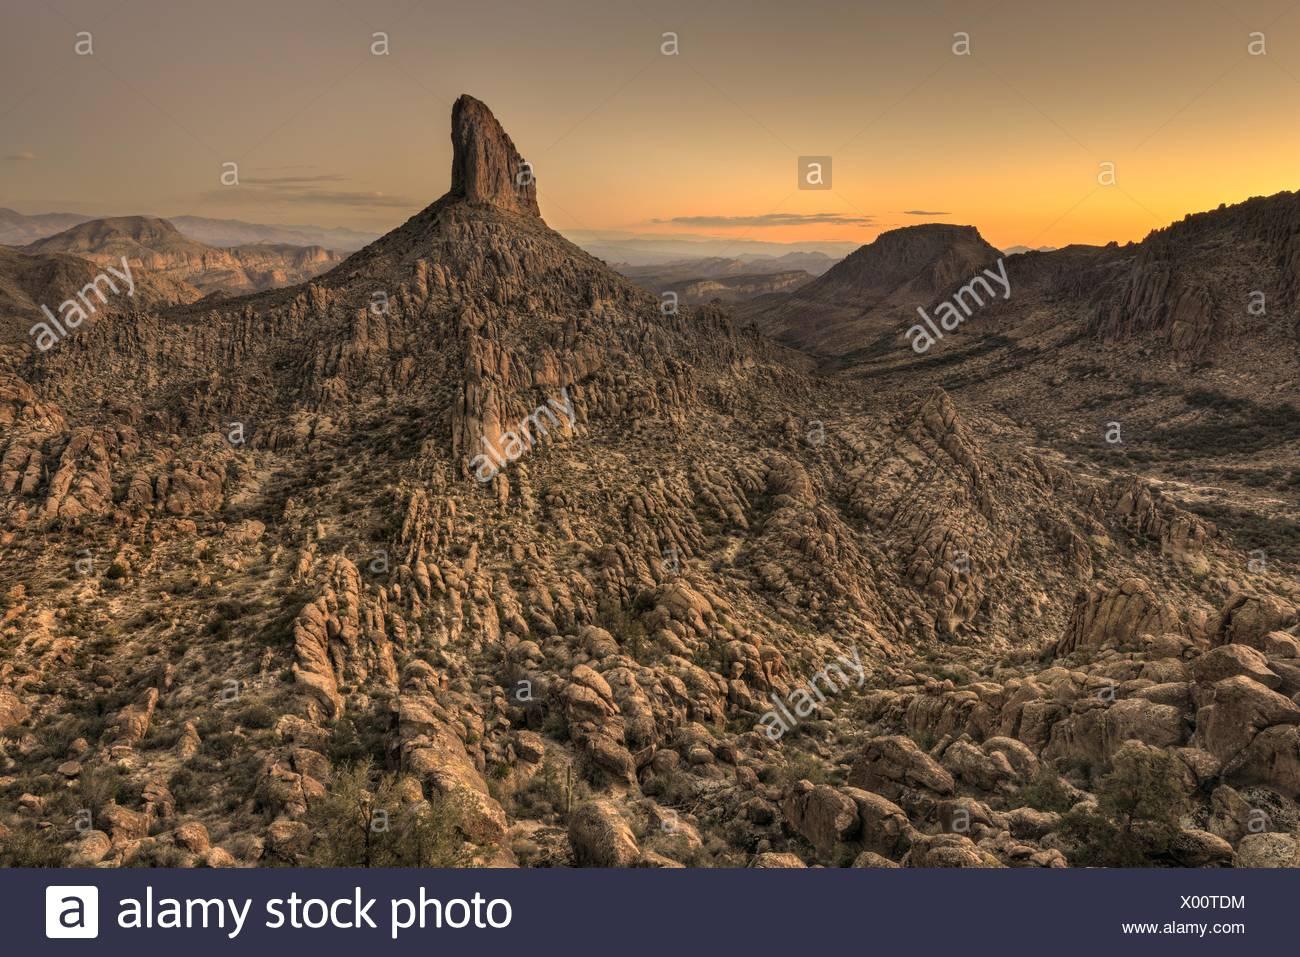 USA, Arizona, Tonto National Forest, Weavers Needle After Sunset - Stock Image